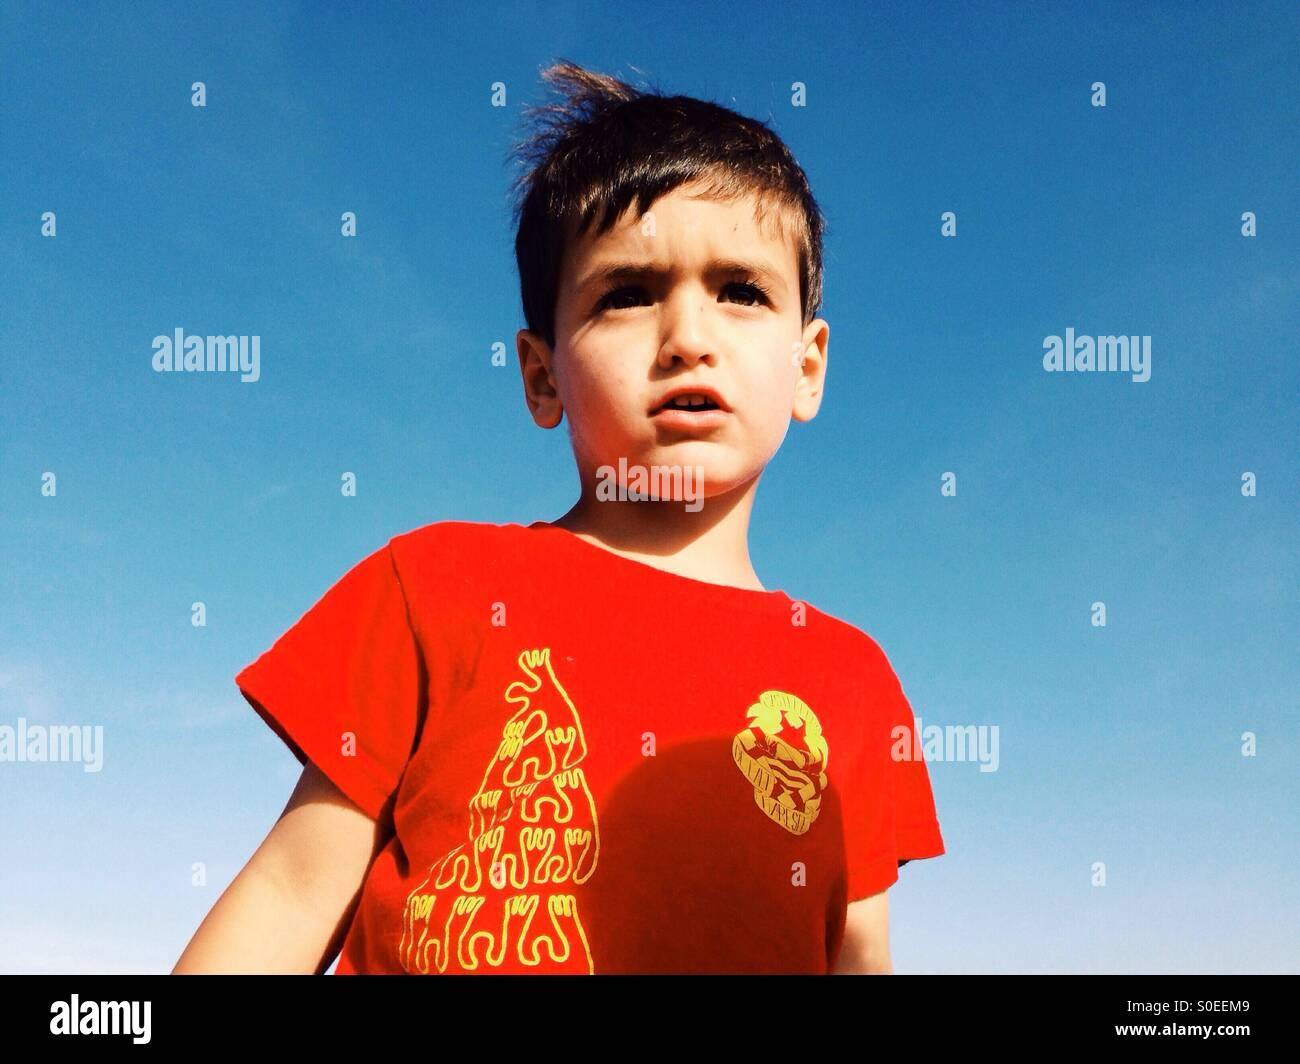 Drei Jahre alter Junge im roten t-shirt Stockbild